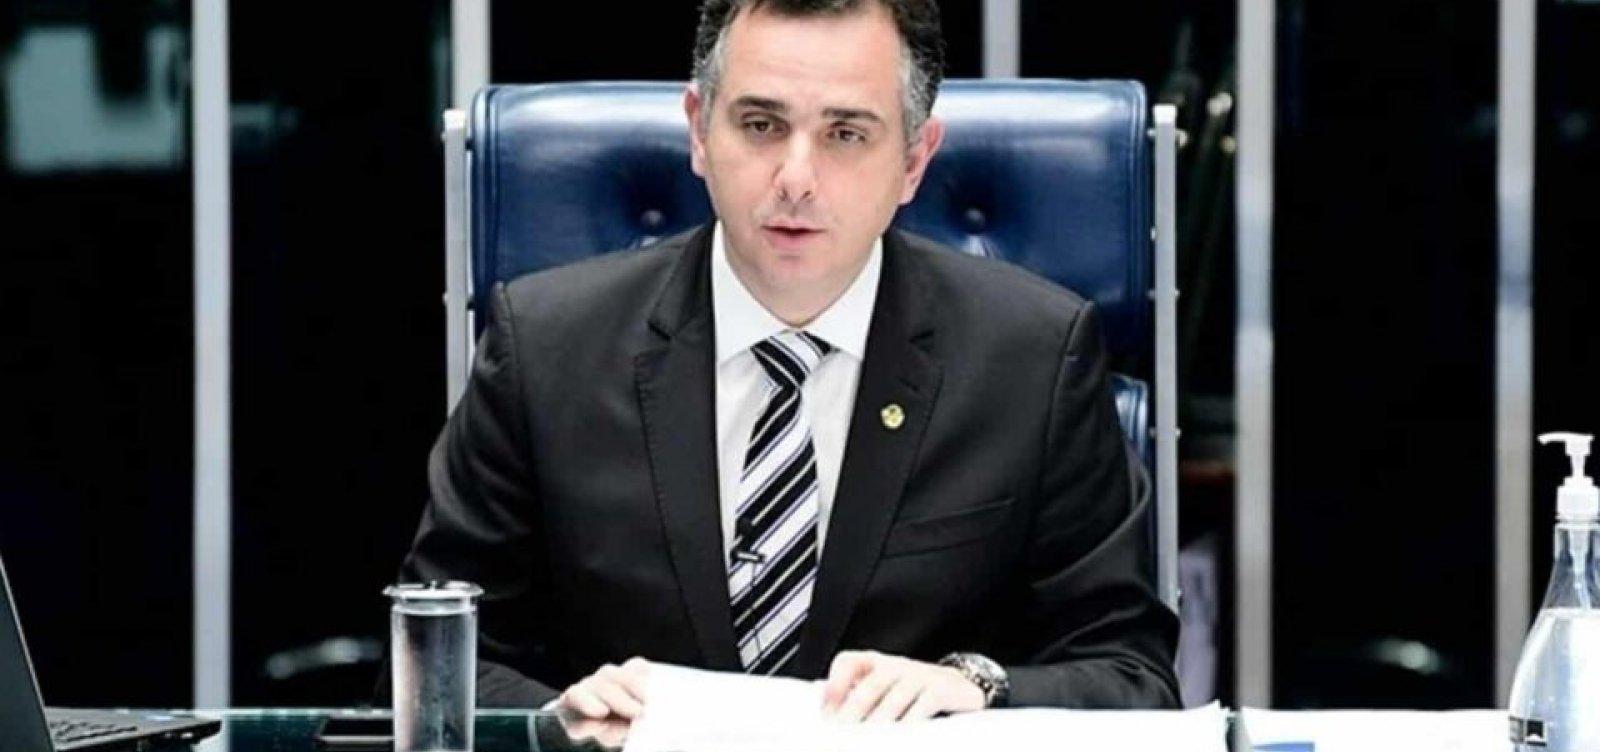 Presidente do Senado pede 'defesa do Estado democrático de Direito' e não vai à cerimônia com Bolsonaro